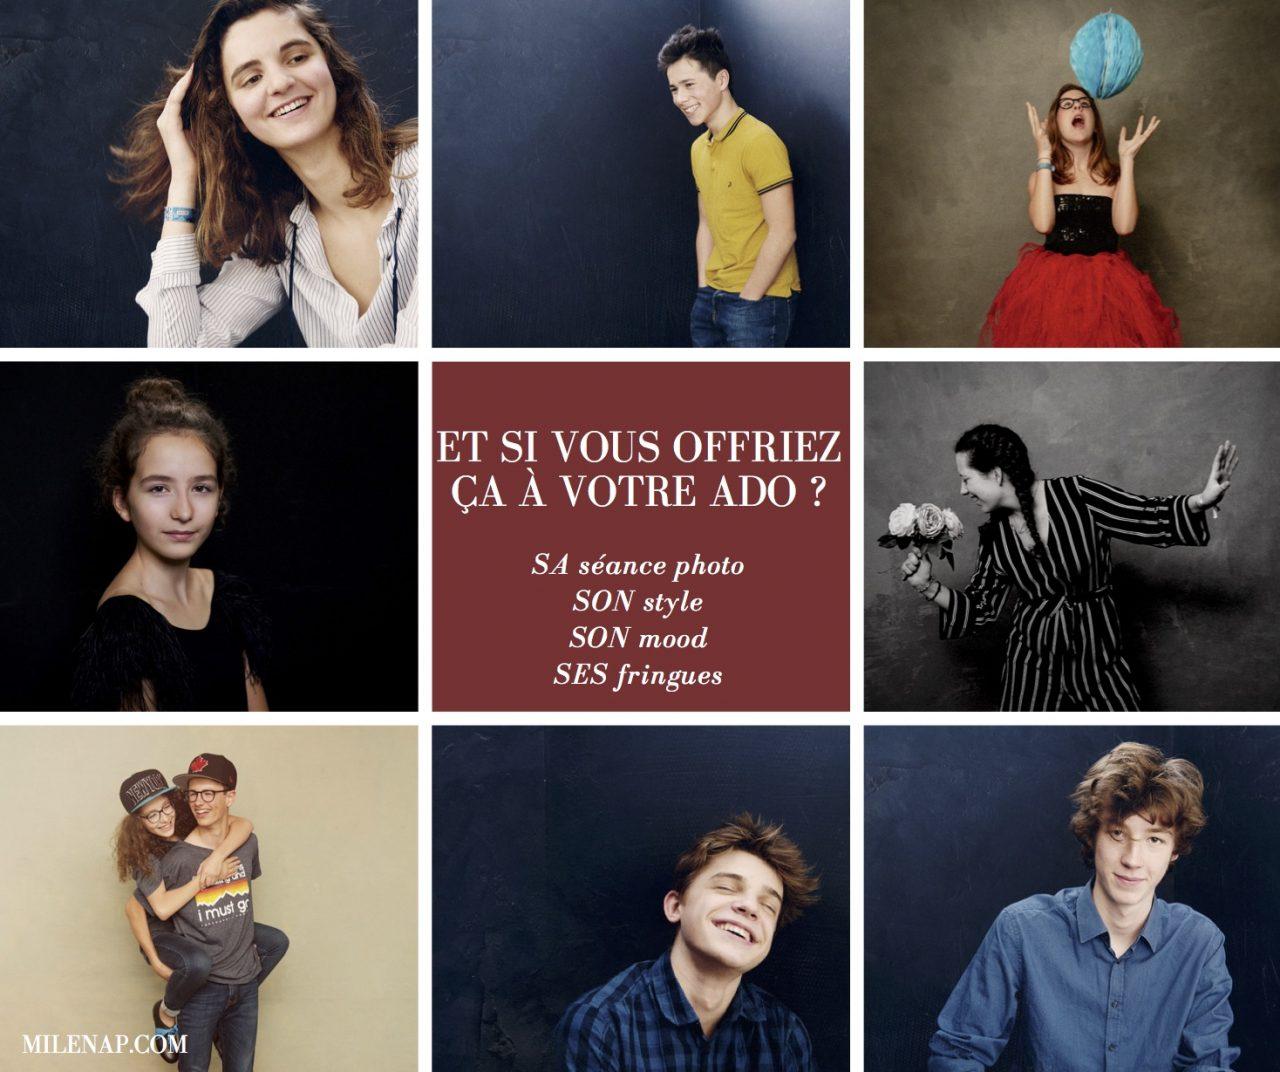 Photographe, portrait, Paris, Paris 18, 75018, montmartre, ado, adolescent, cadeau, séance photo, studio photo